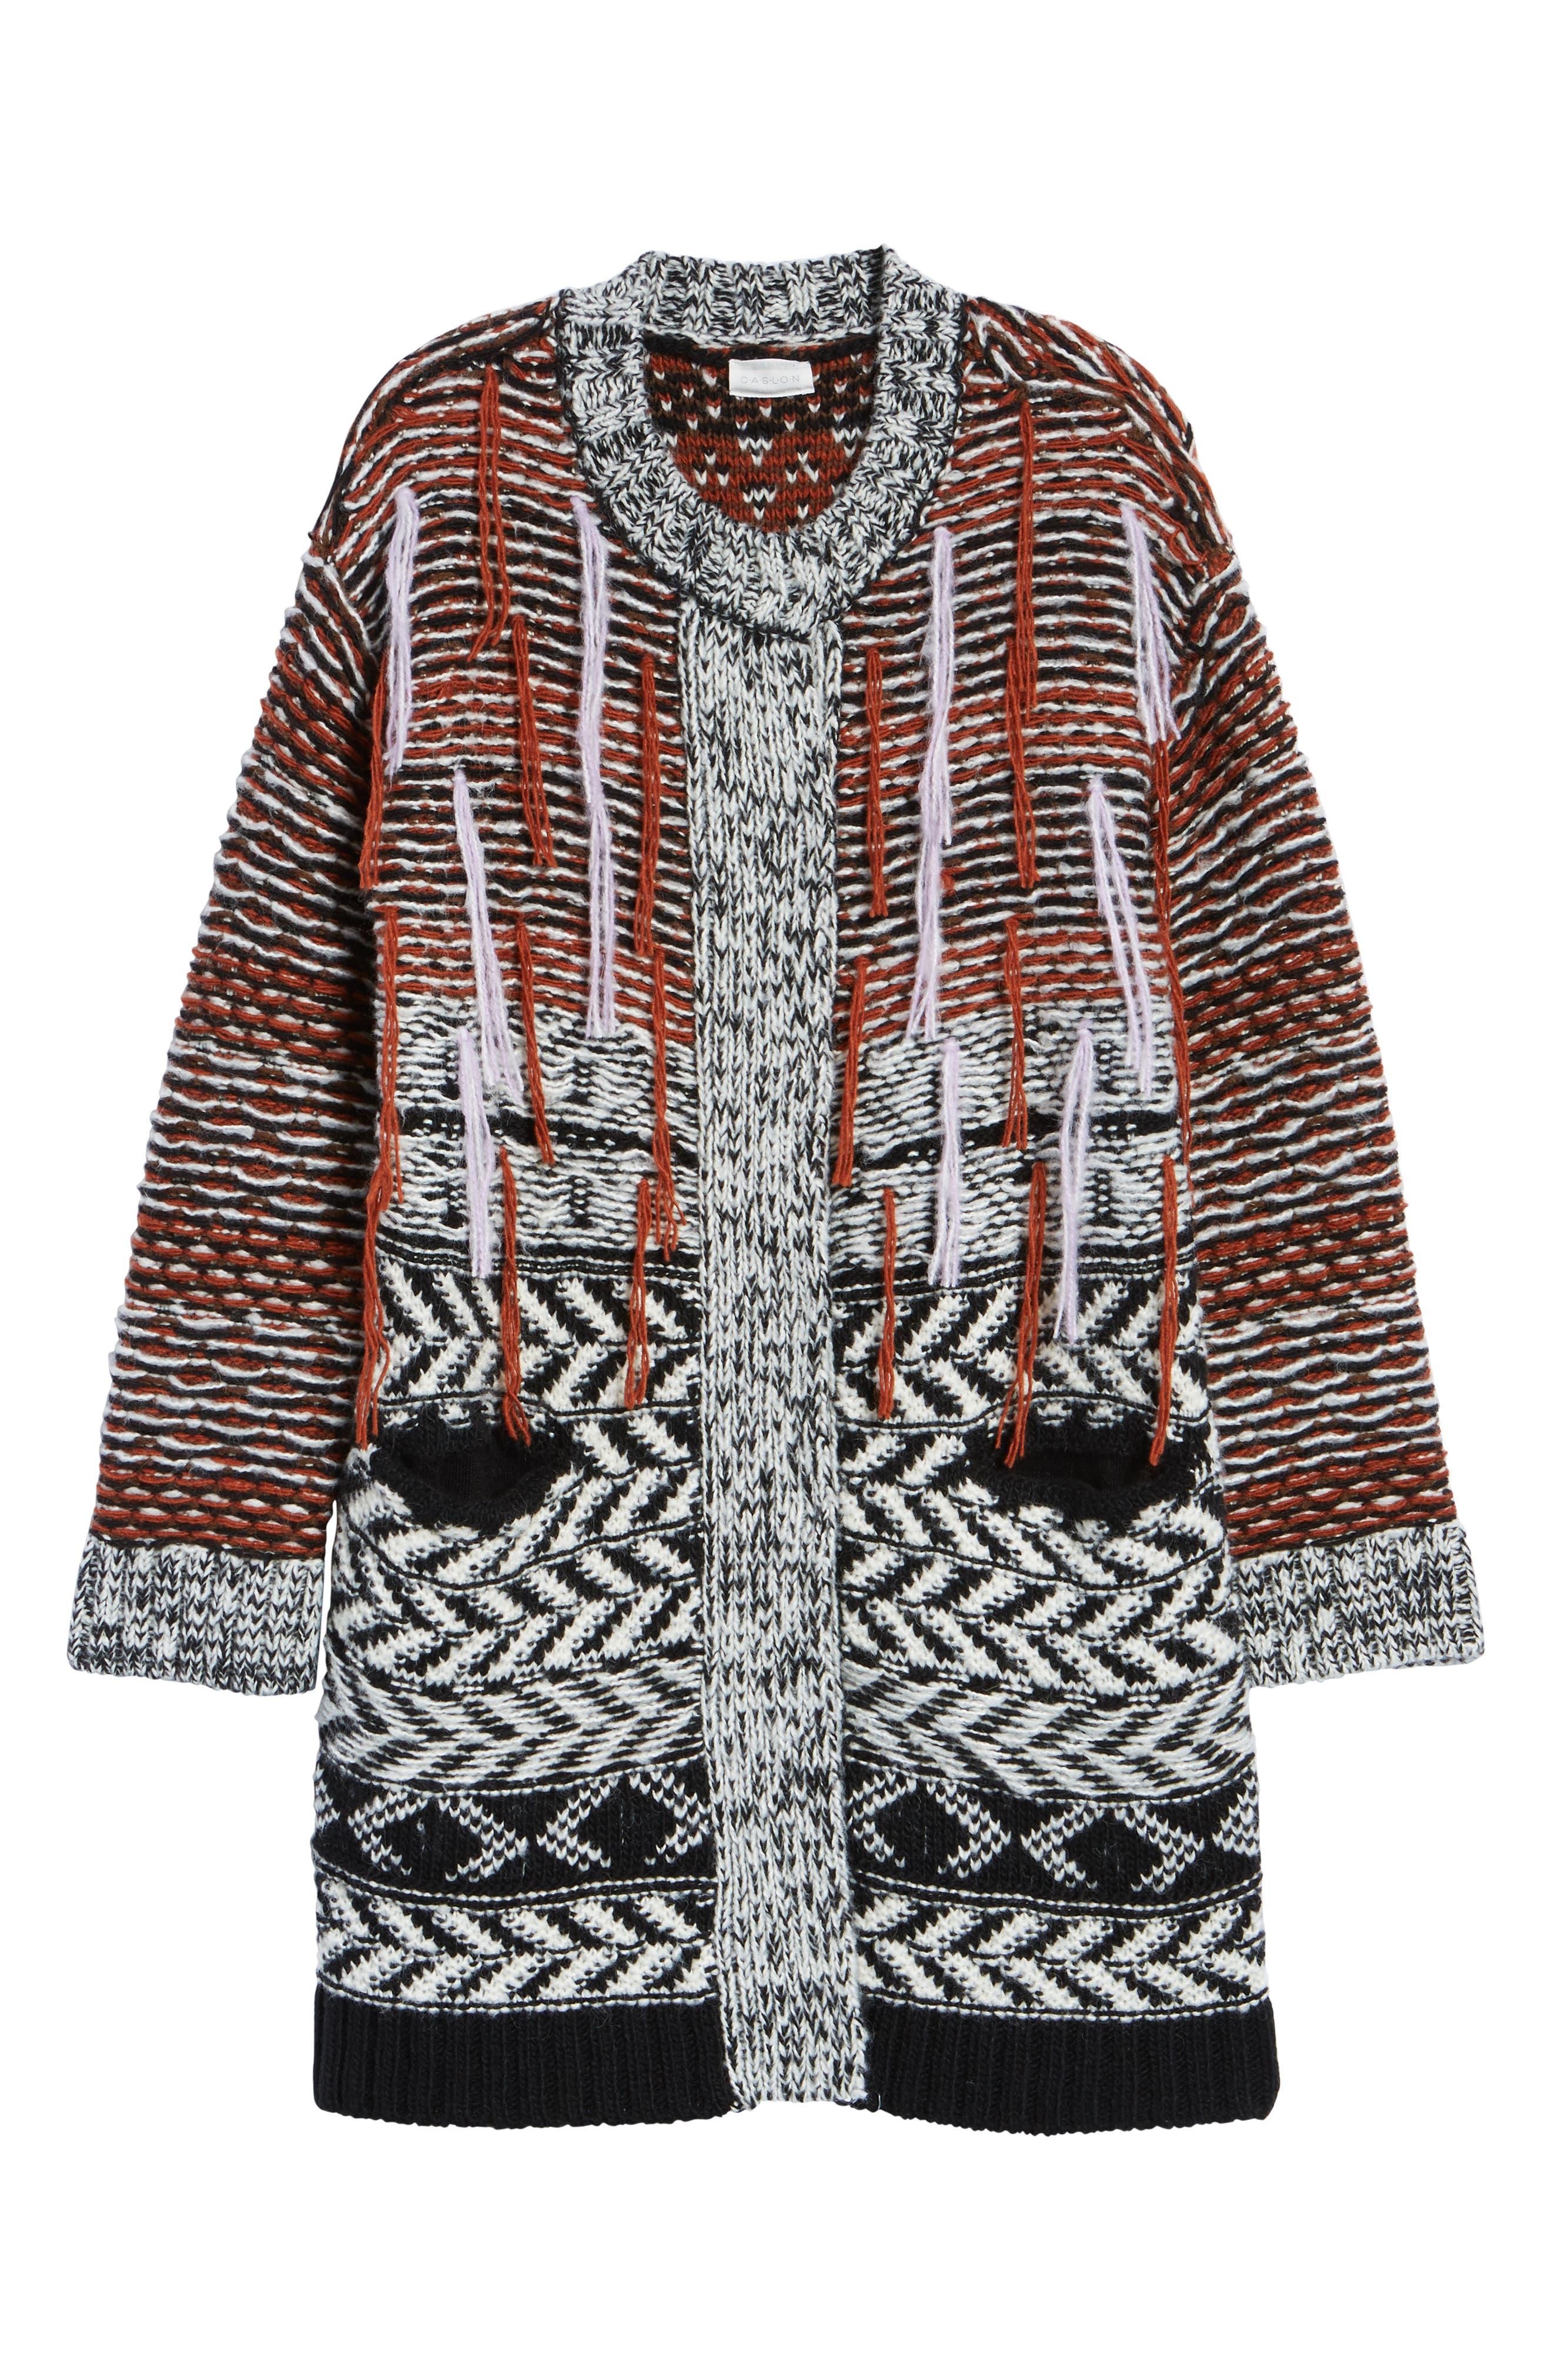 Multi Jacquard Sweater Coat,                             Alternate thumbnail 6, color,                             001